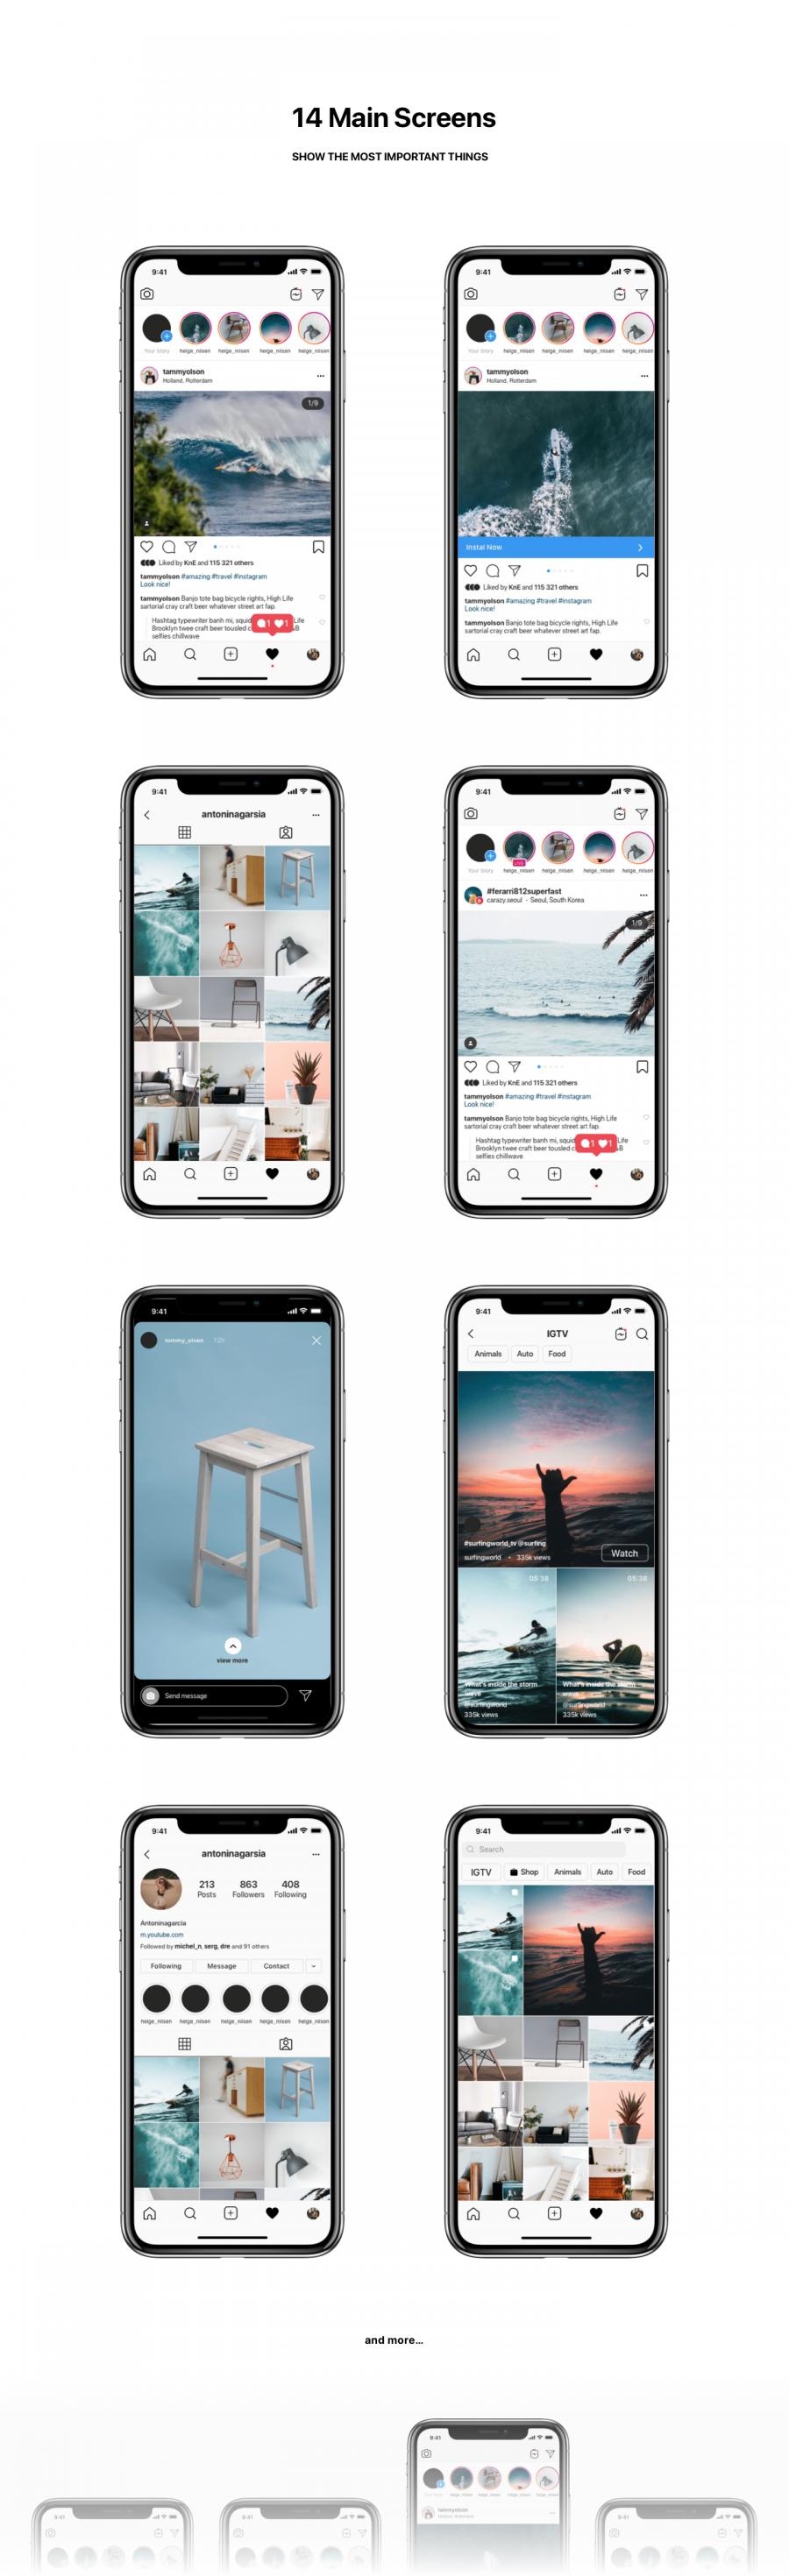 Instagram Mockup 2020 Free Download Psd Sketch Figma Instagram Mockup Iphone Mockup Psd Instagram Story Ads